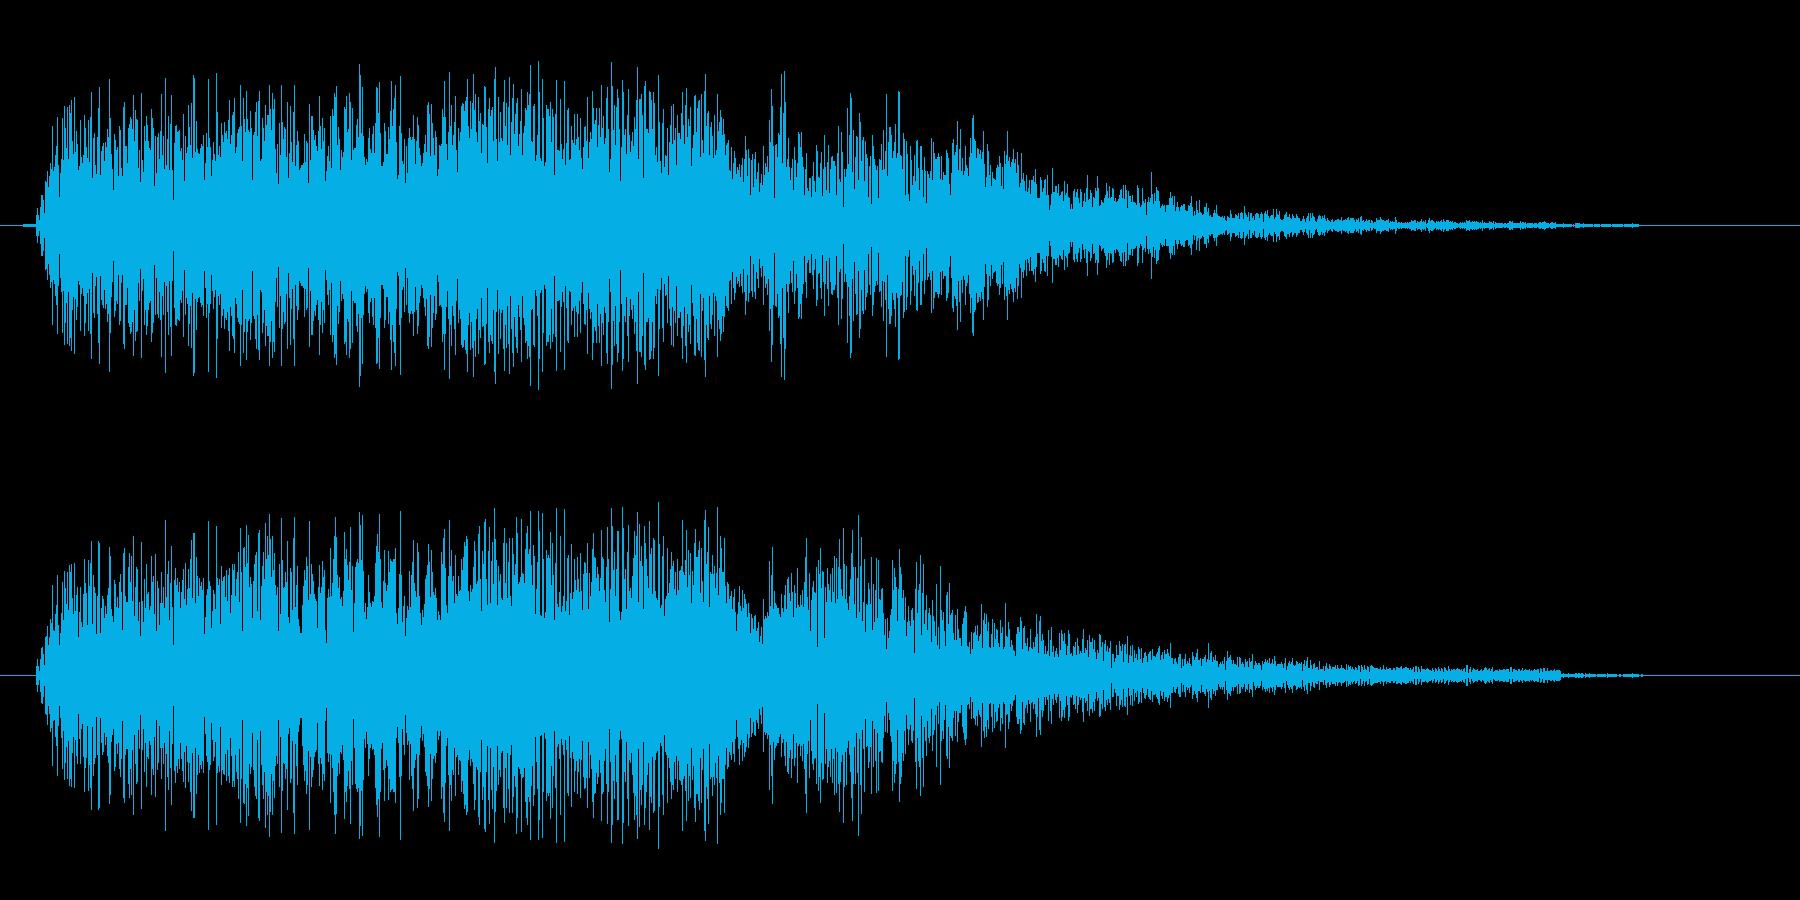 チャージから攻撃する音の再生済みの波形